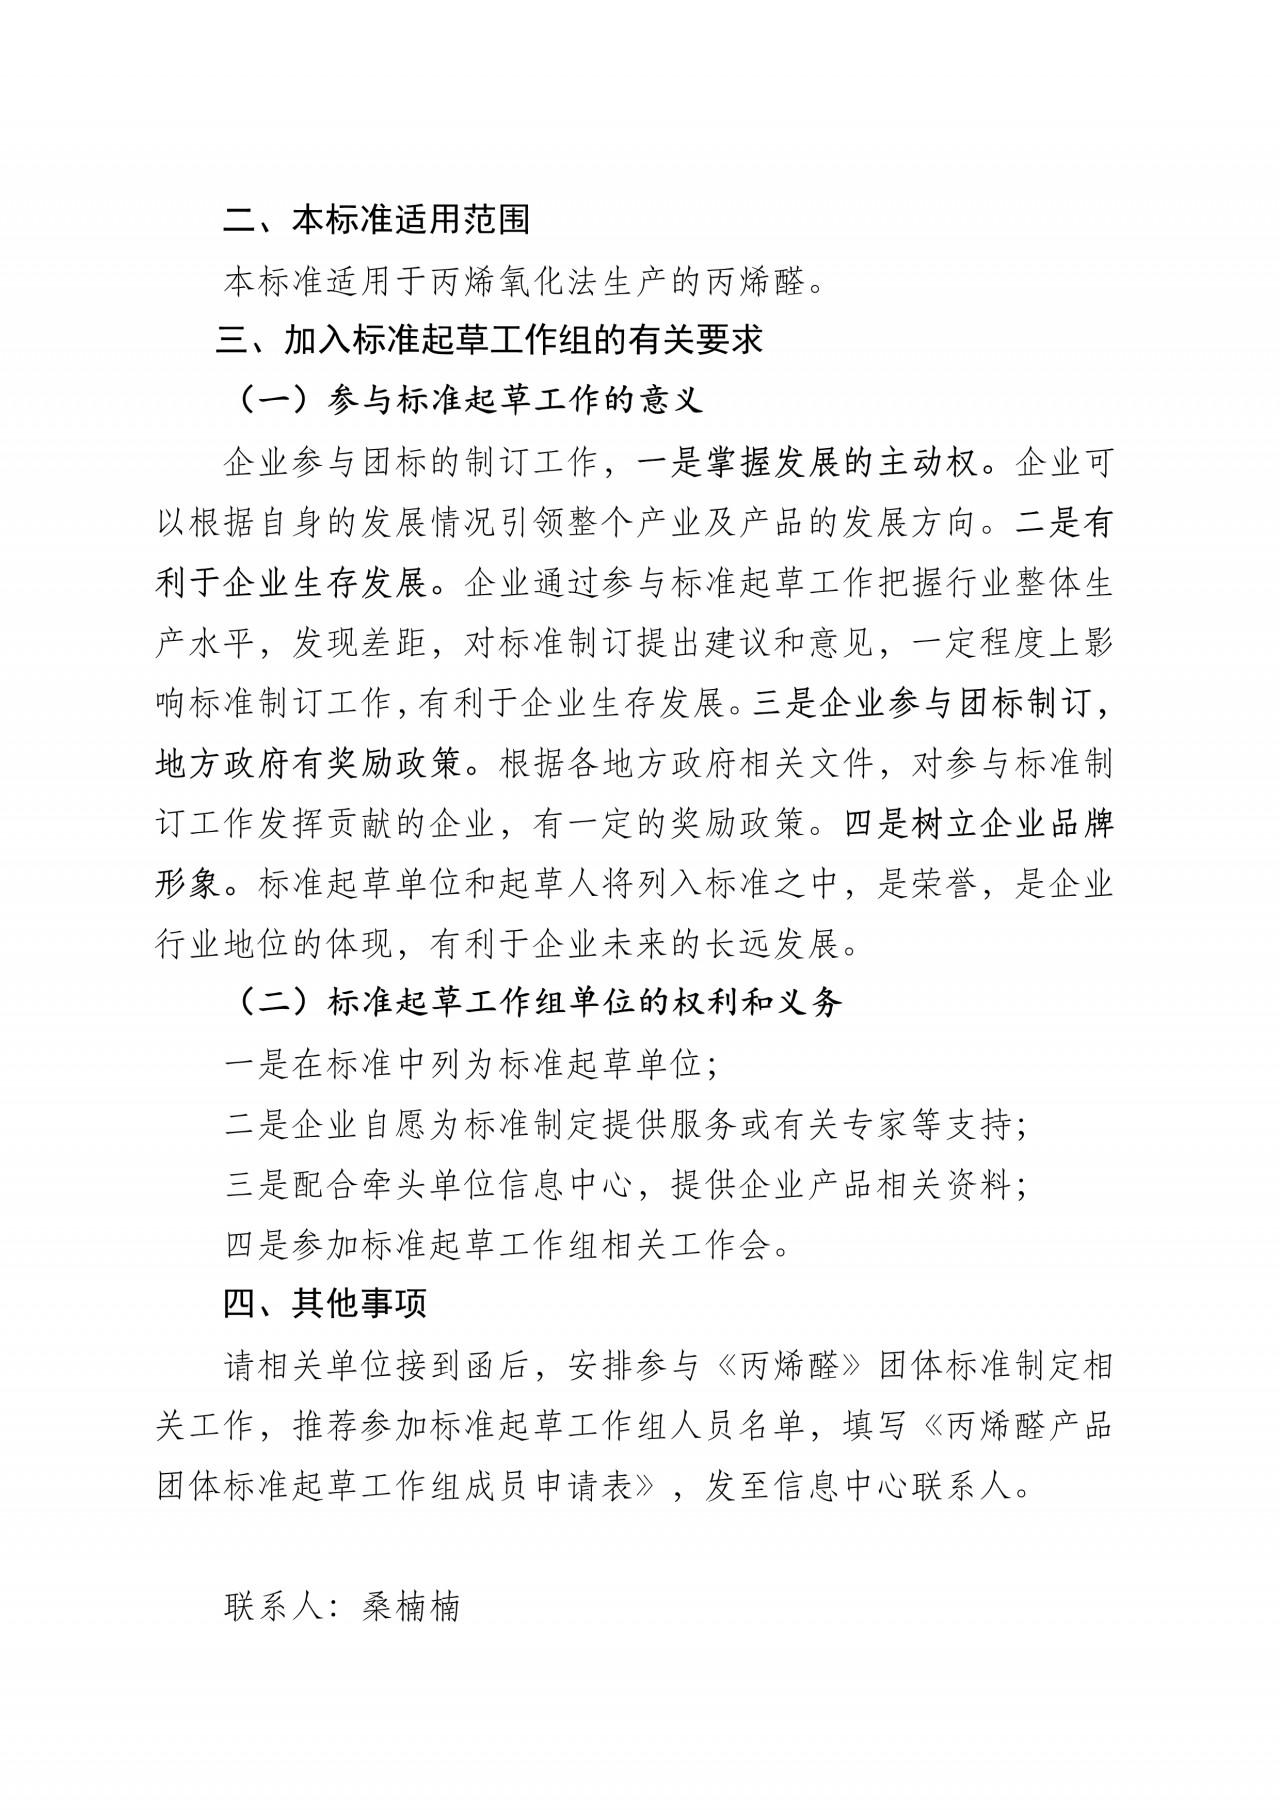 082414434099_0关于邀请加入《丙烯醛》团体标准起草工作组的函1_2.Jpeg